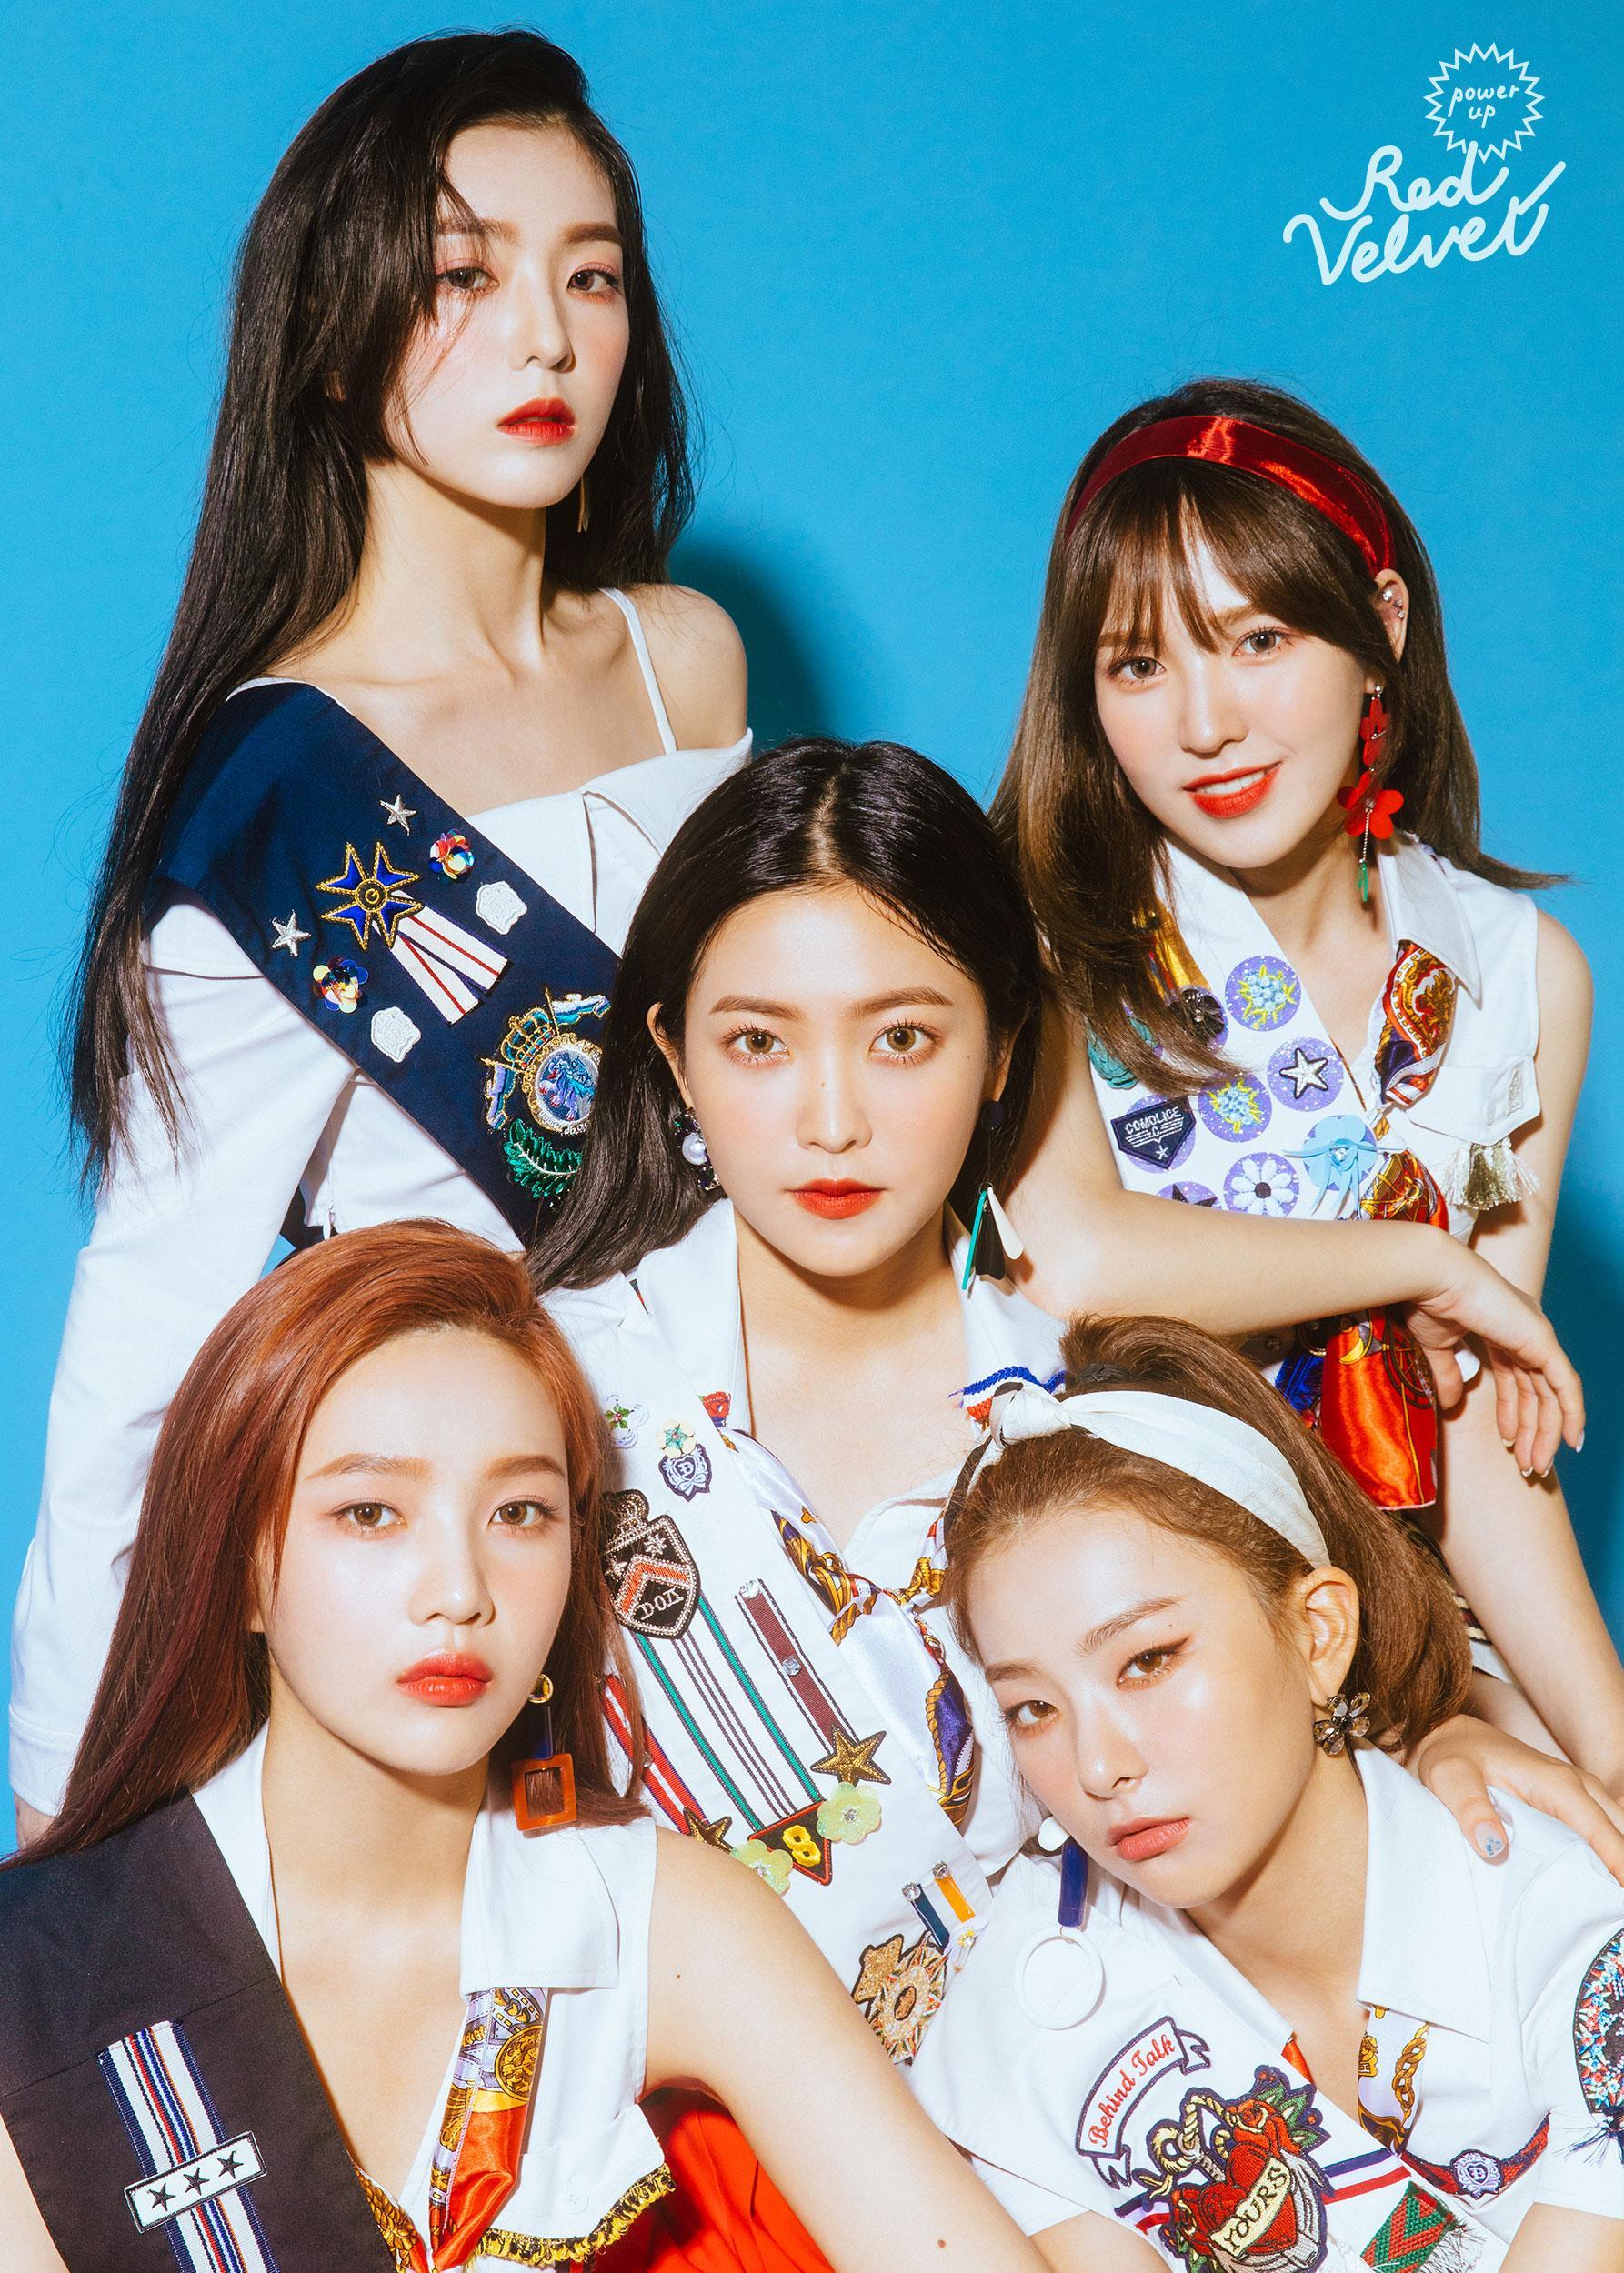 The natural beauty of Red Velvet